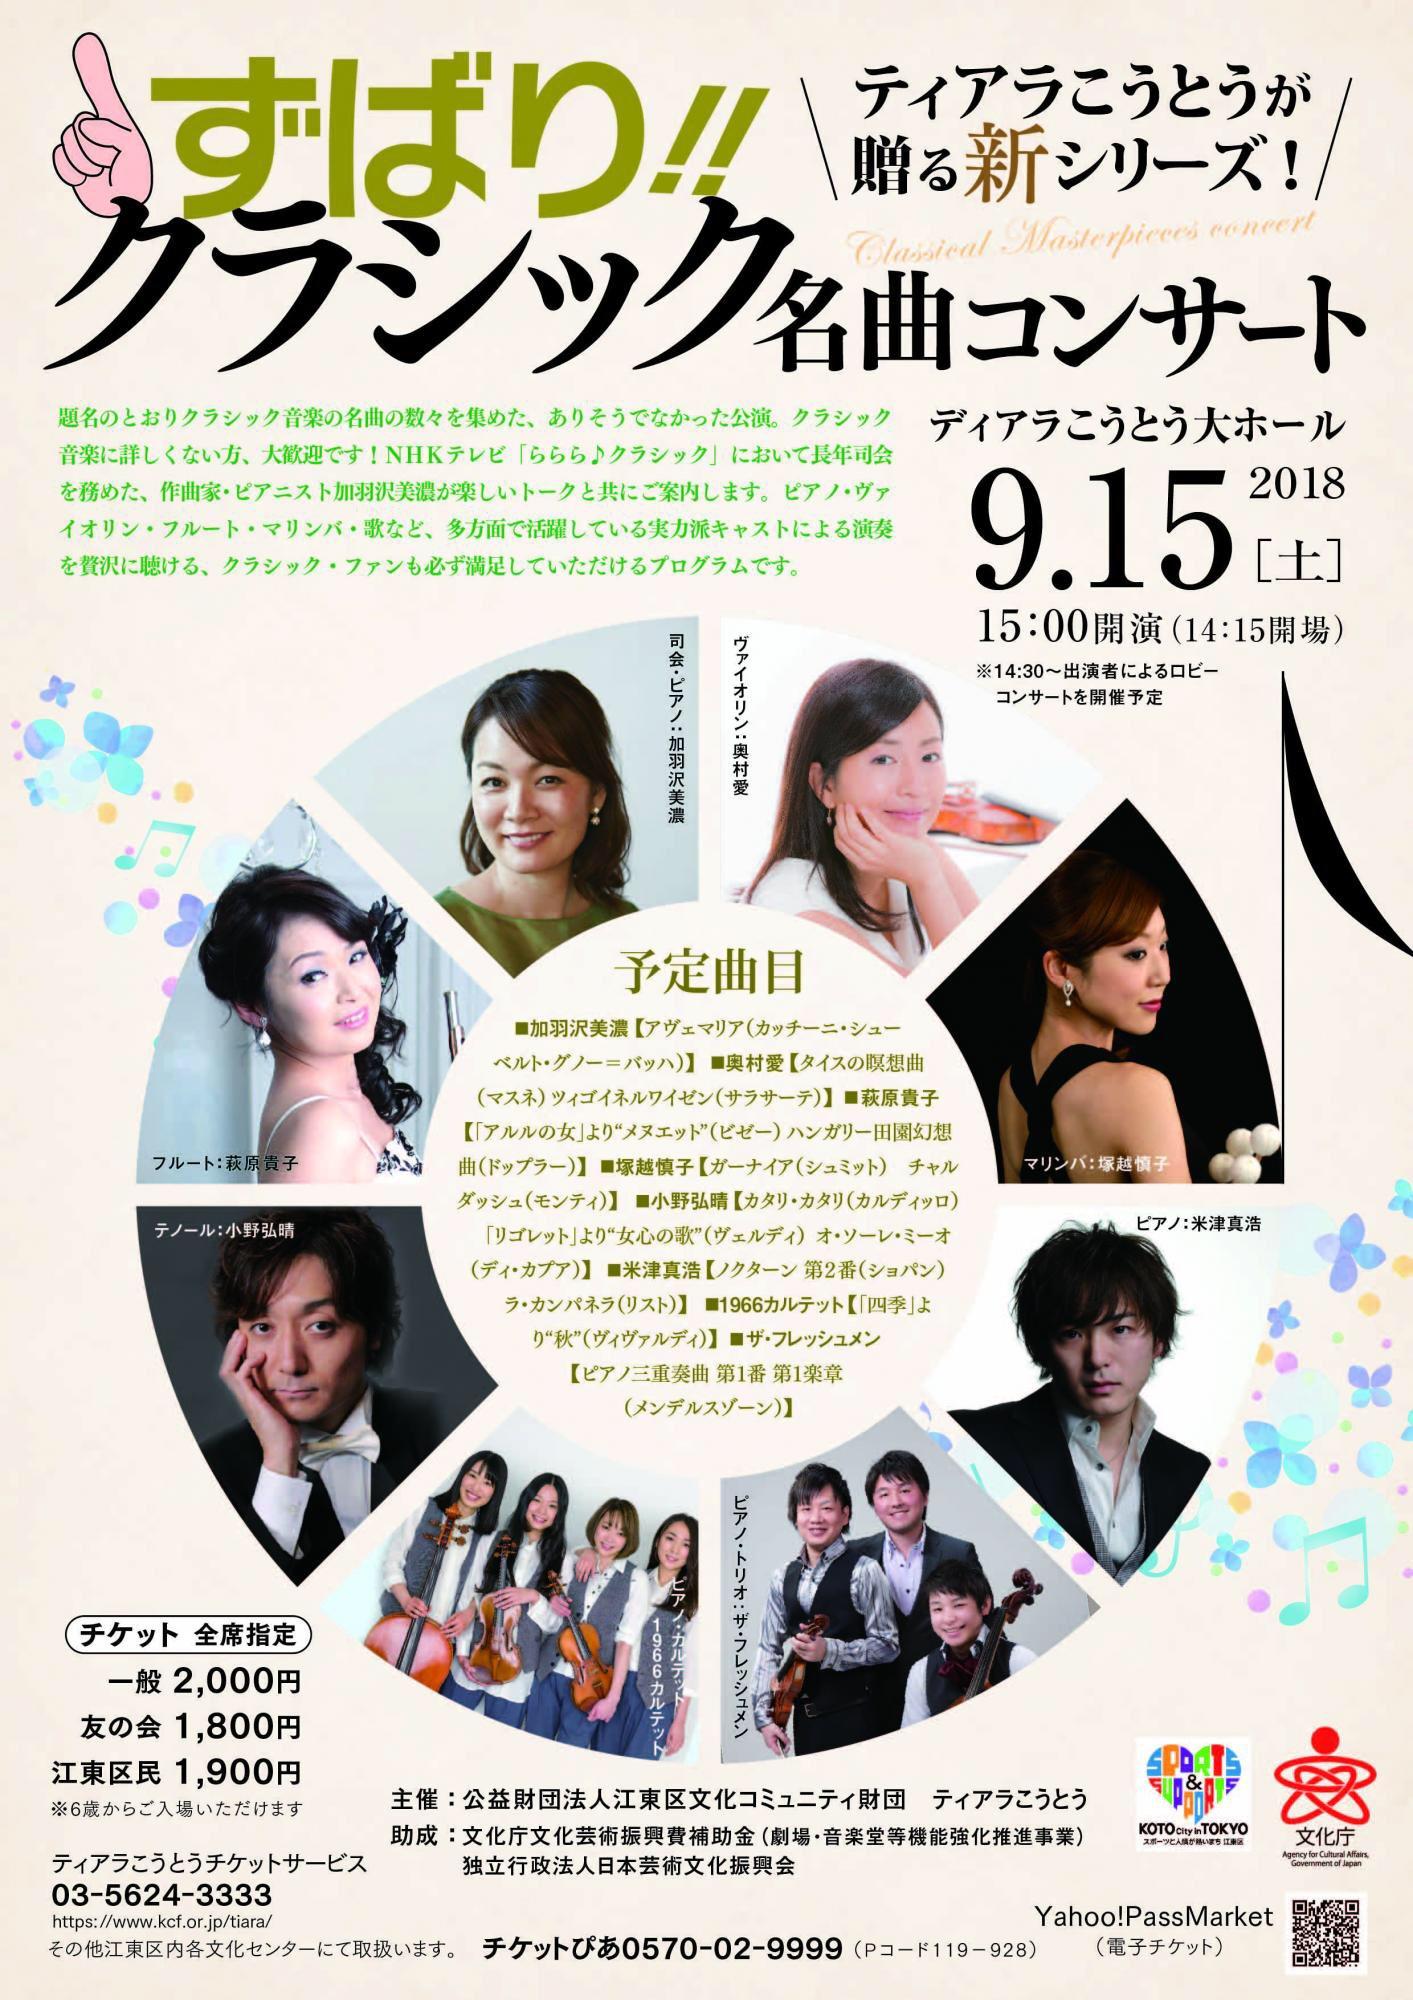 9月15日(日) ずばり!!クラシック名曲コンサート ティアラこうとう大ホール